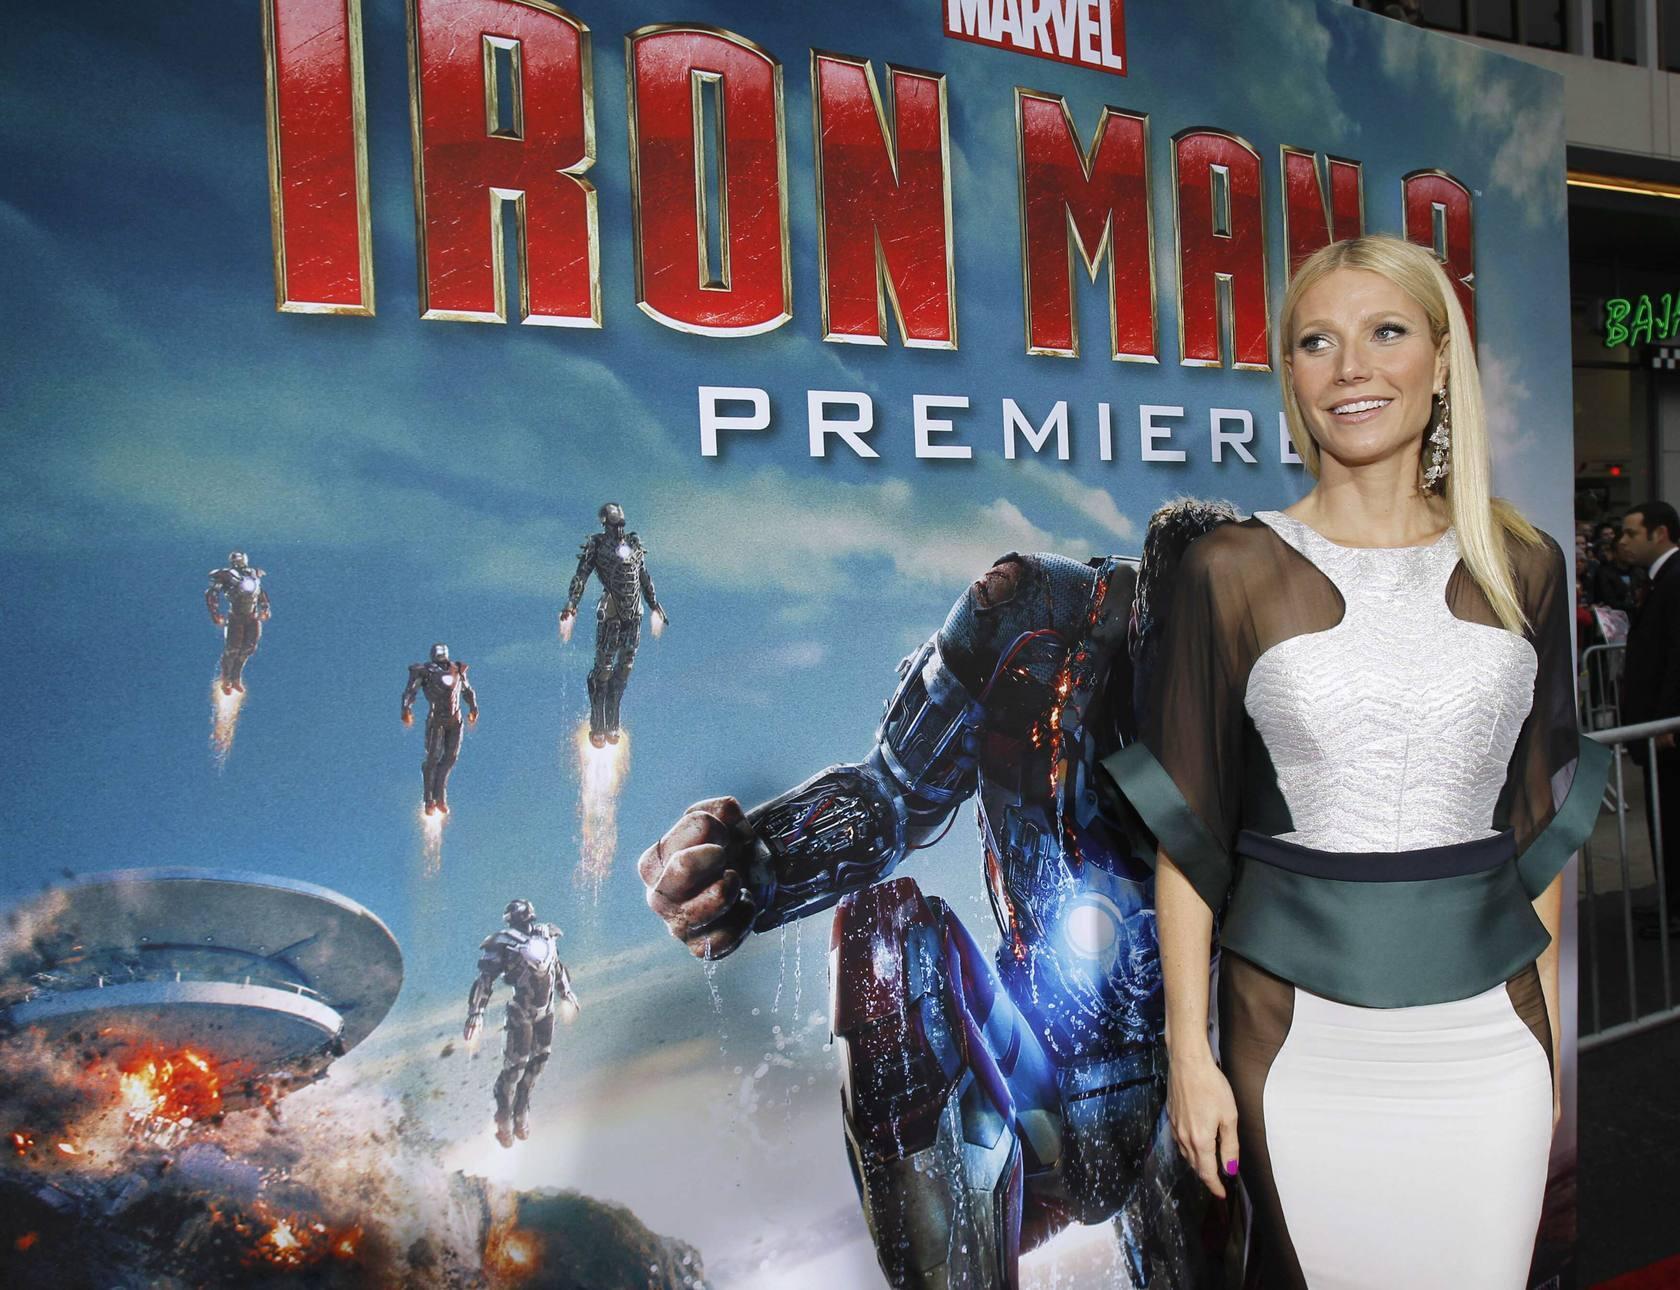 Las transparencias de Gwyneth Paltrow deslumbra en el estreno de Iron Man 3